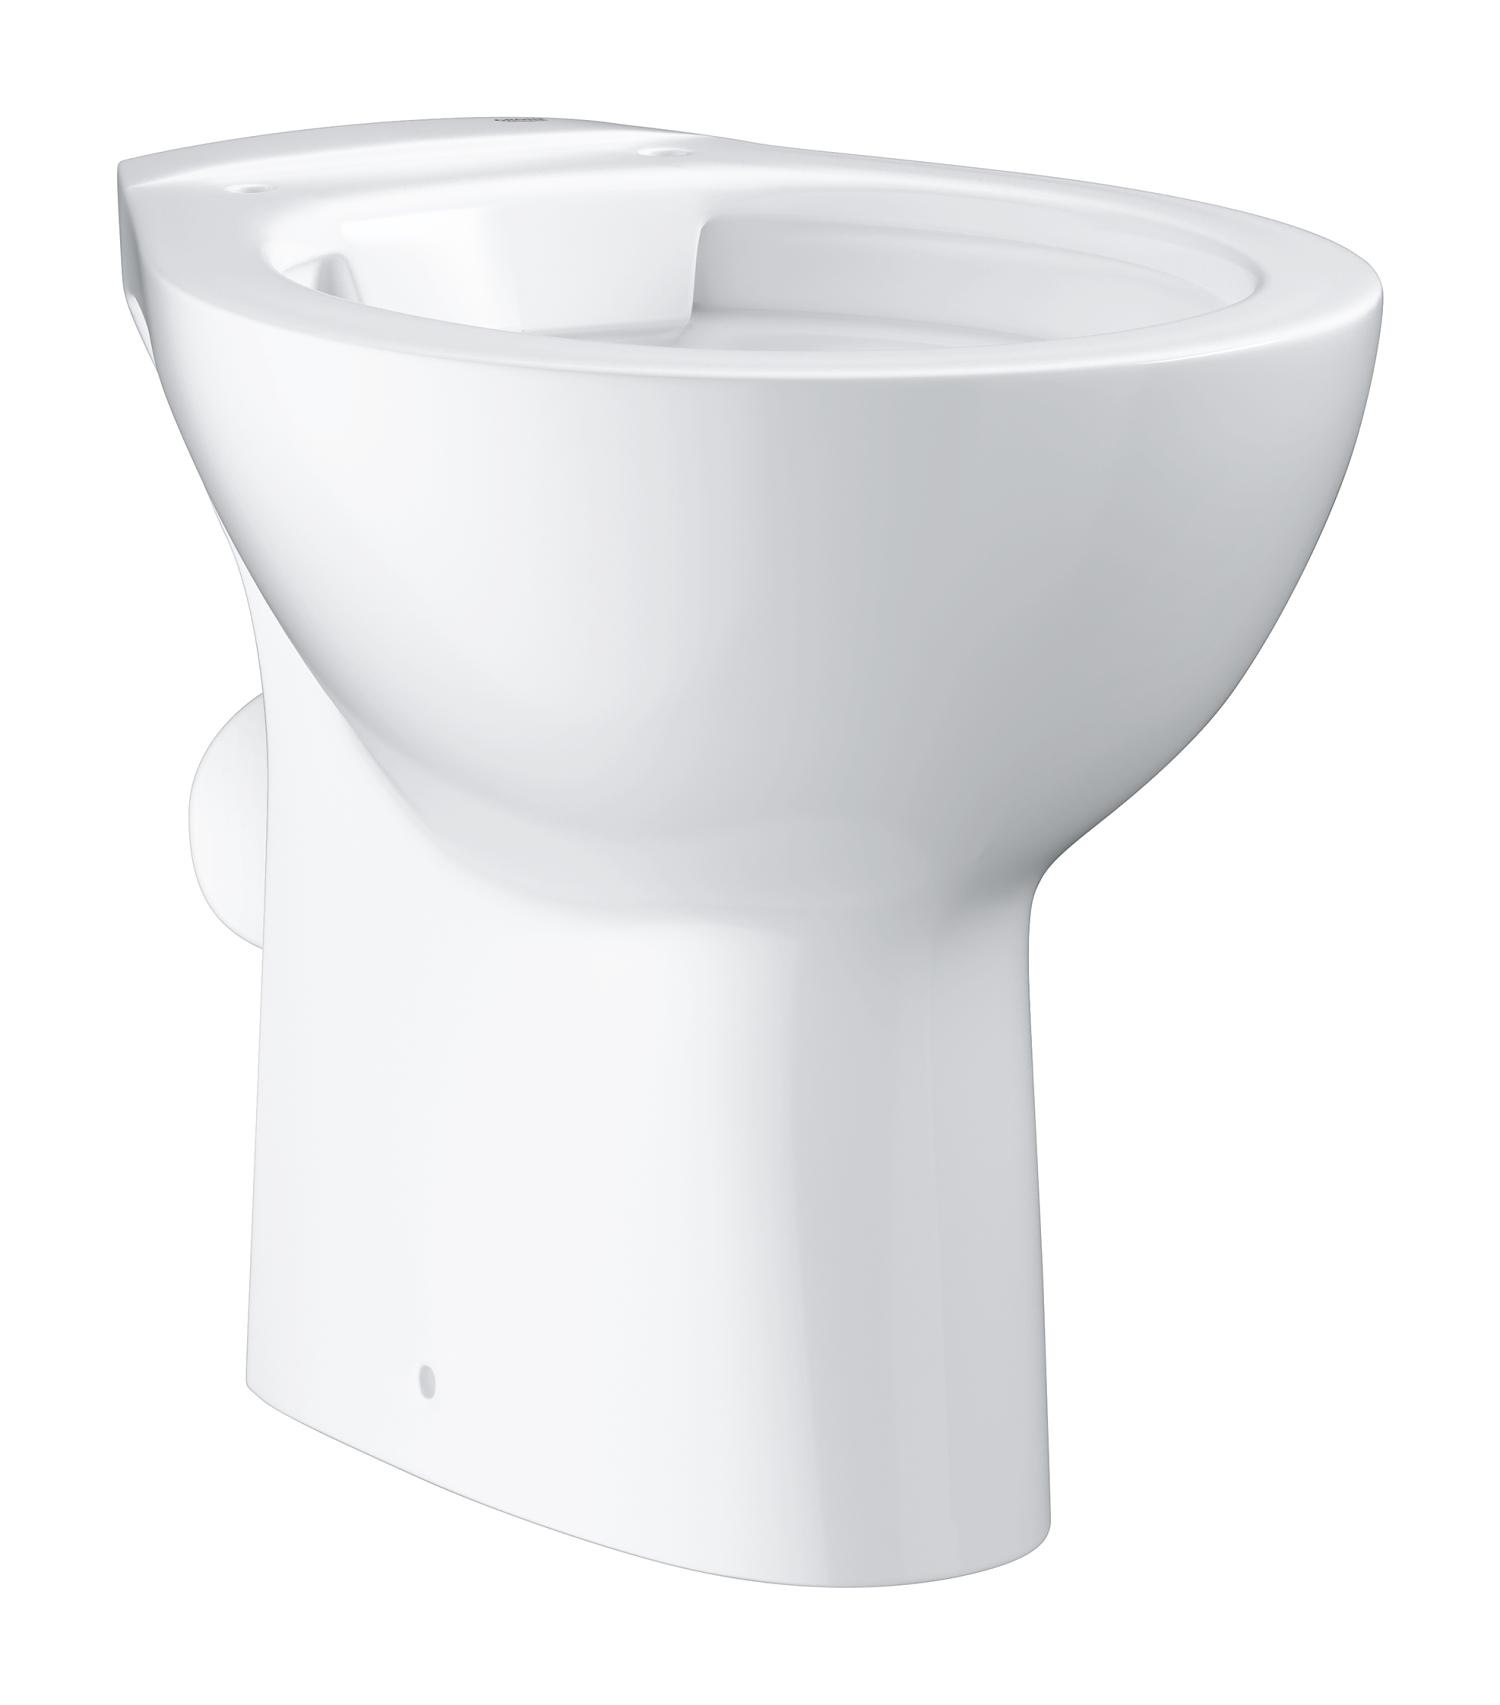 GROHE Bau Ceramic - miska WC stojąca 39430000